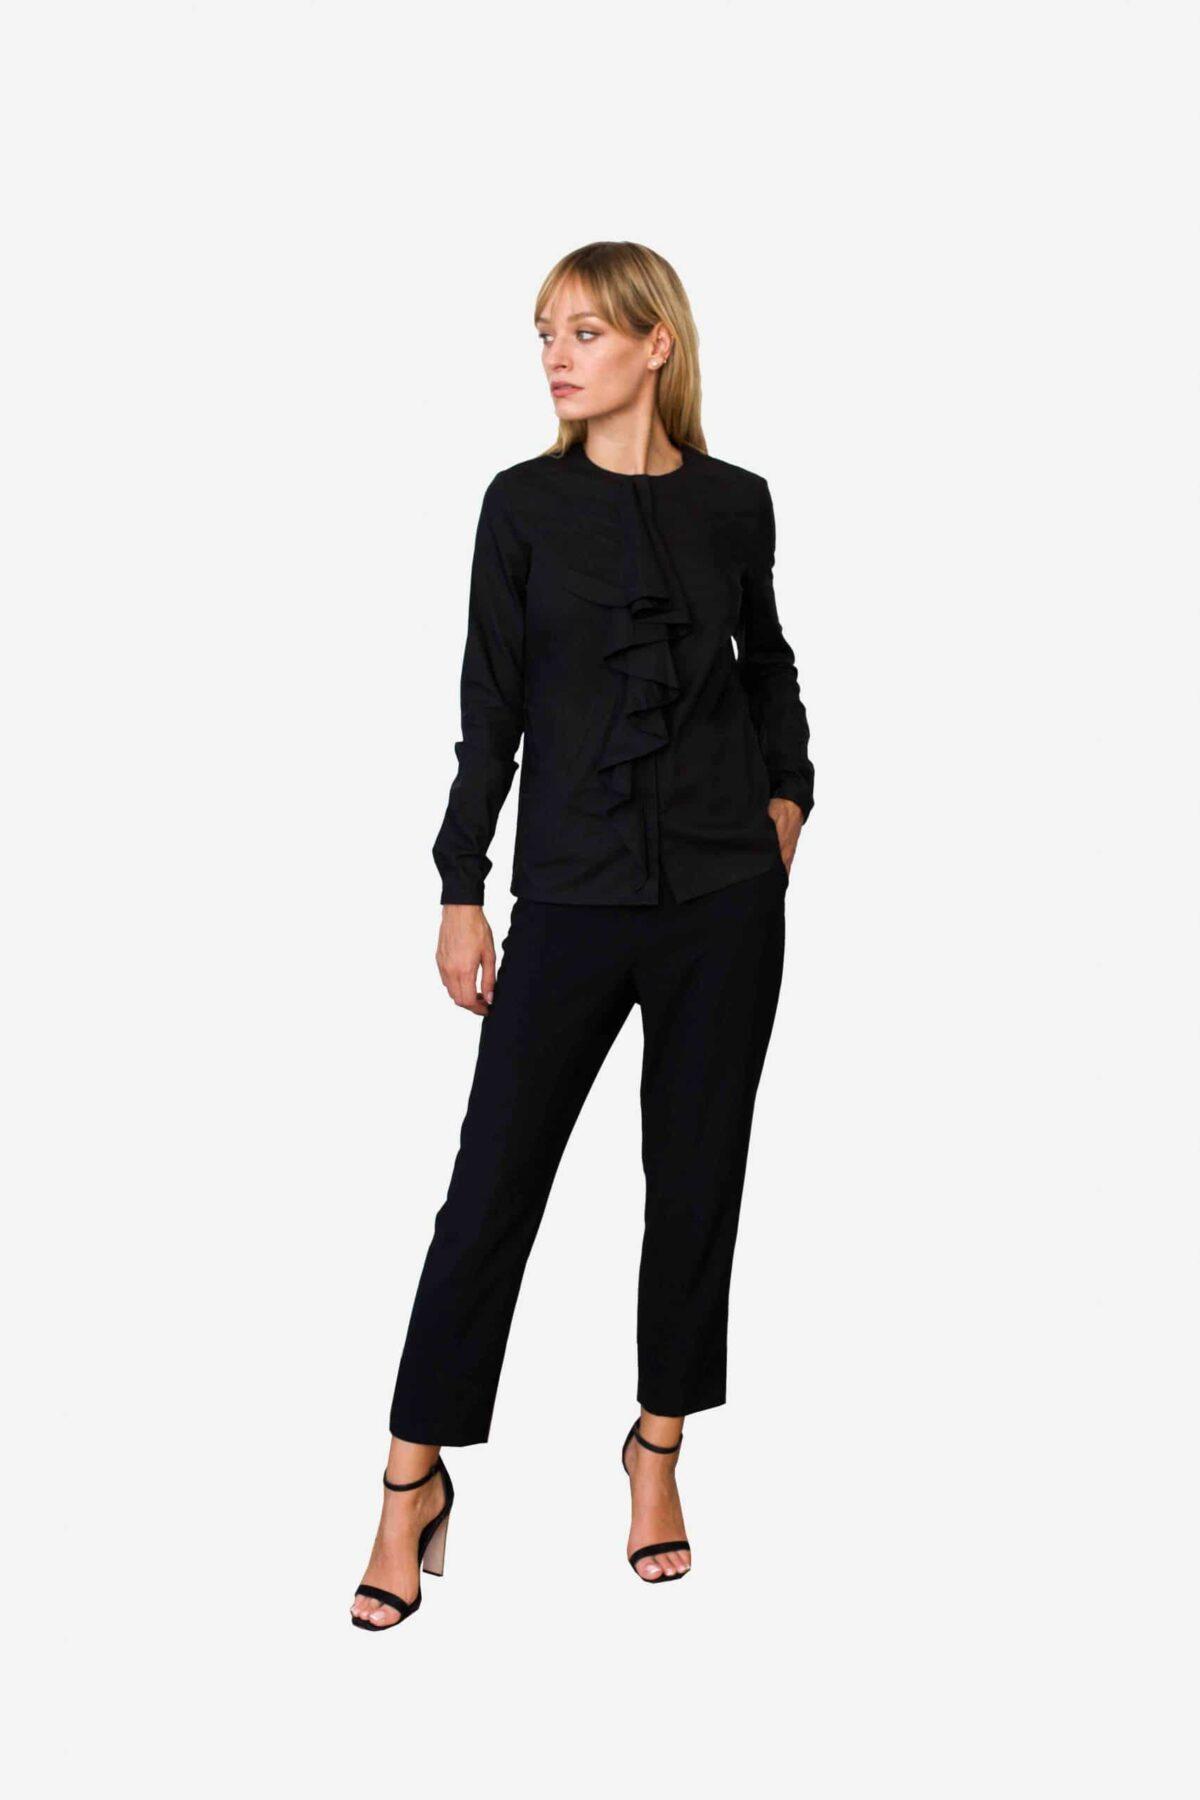 Bluse Abigail von SANOGE. Schwarze Business Bluse mit Volant Ausschnitt. Jabot kragen. Elegant. Nachhaltig und pflegeleicht.